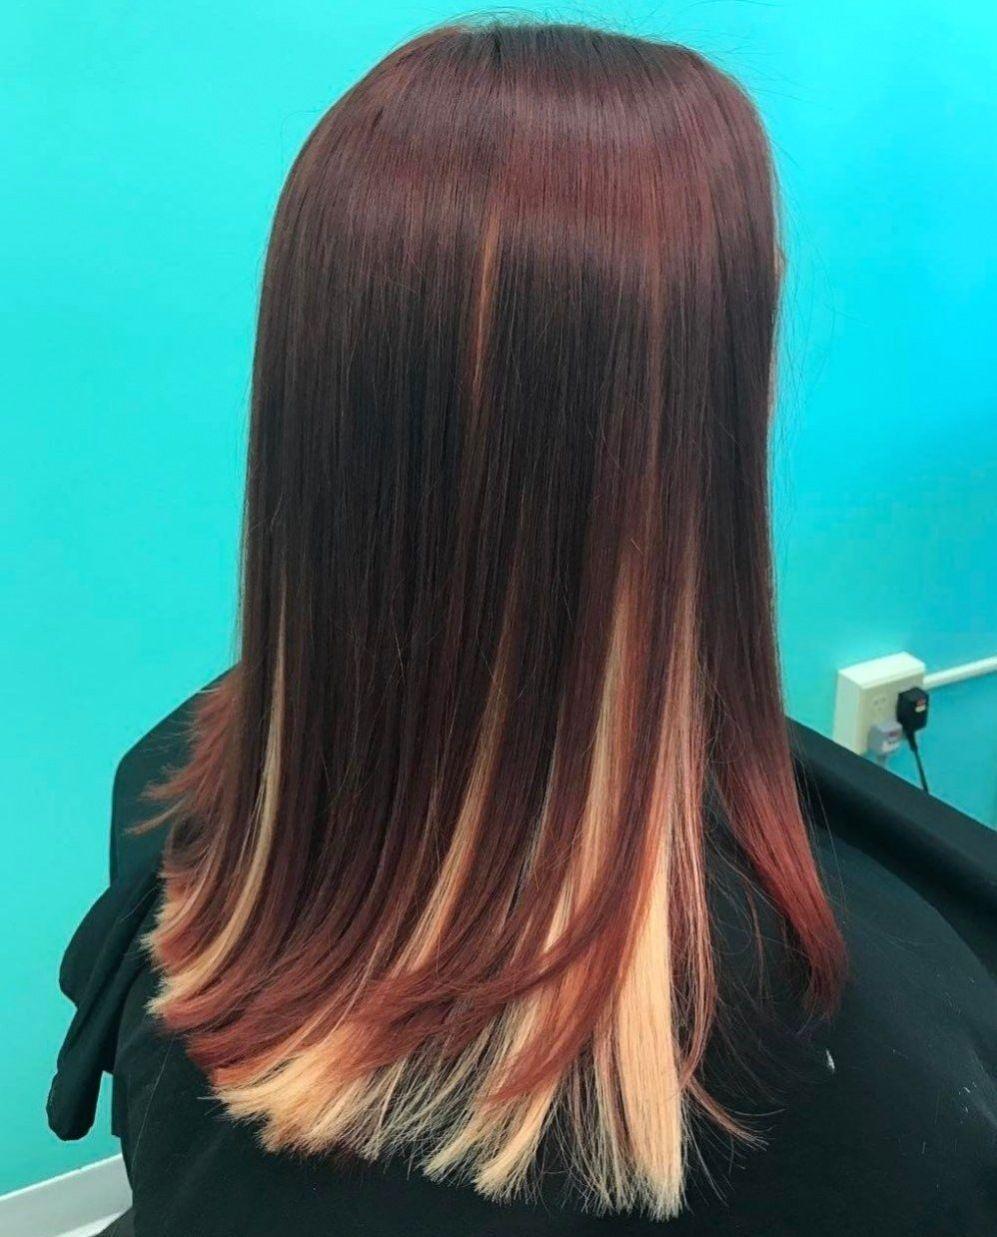 Mahogany Hair With Blonde Underlayer En 2020 Cheveux Couleur De Cheveux Platine Couleur Cheveux